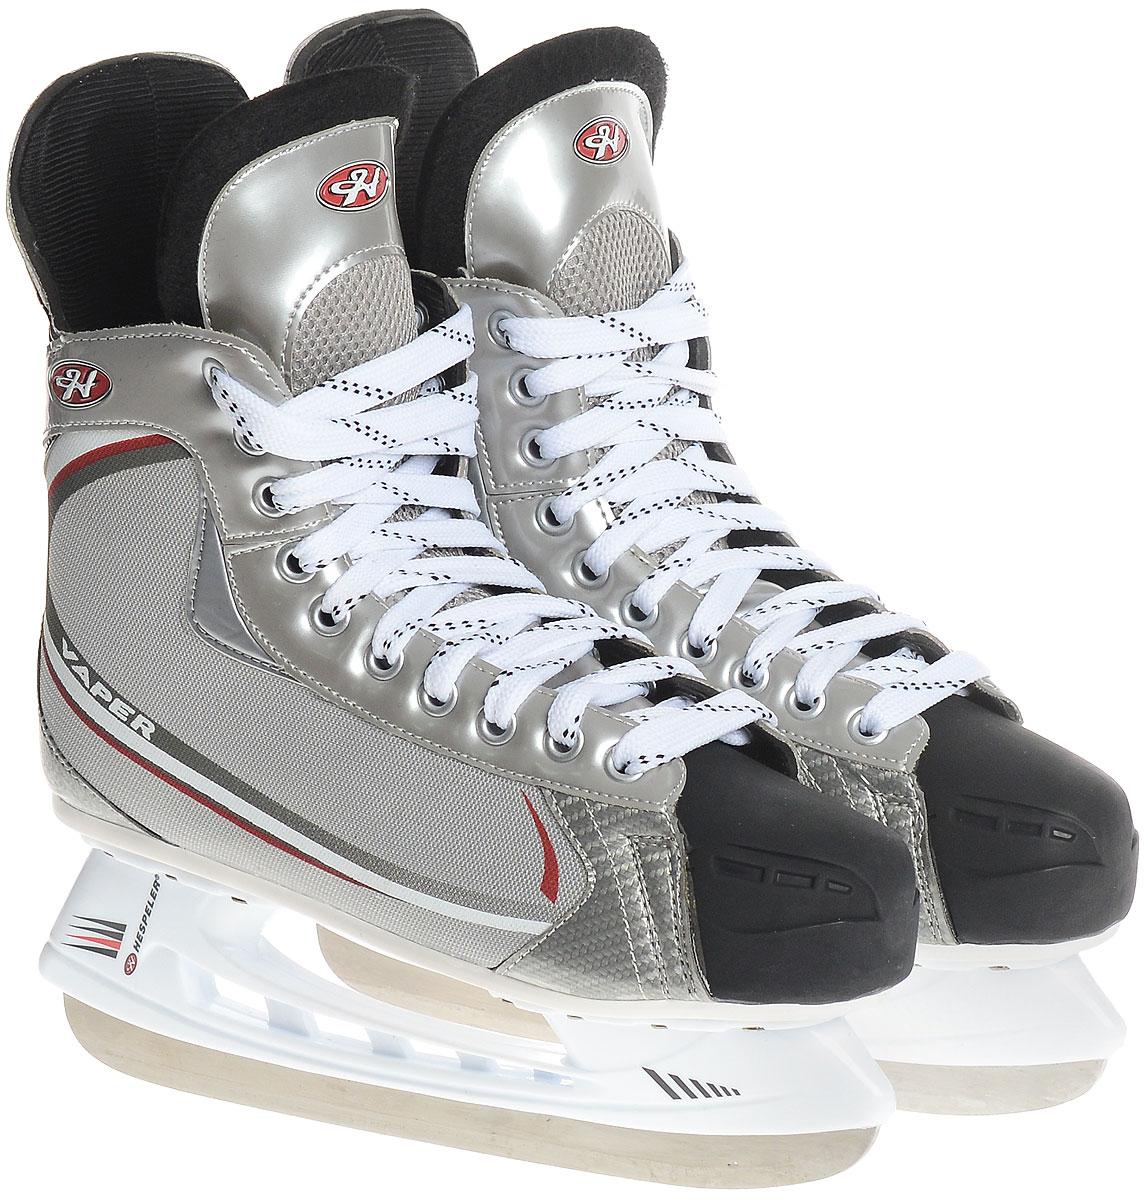 Коньки хоккейные мужские Hespeler Vaper, цвет: серый, белый, красный. Размер 45 Vaper_серый, белый, красный_45